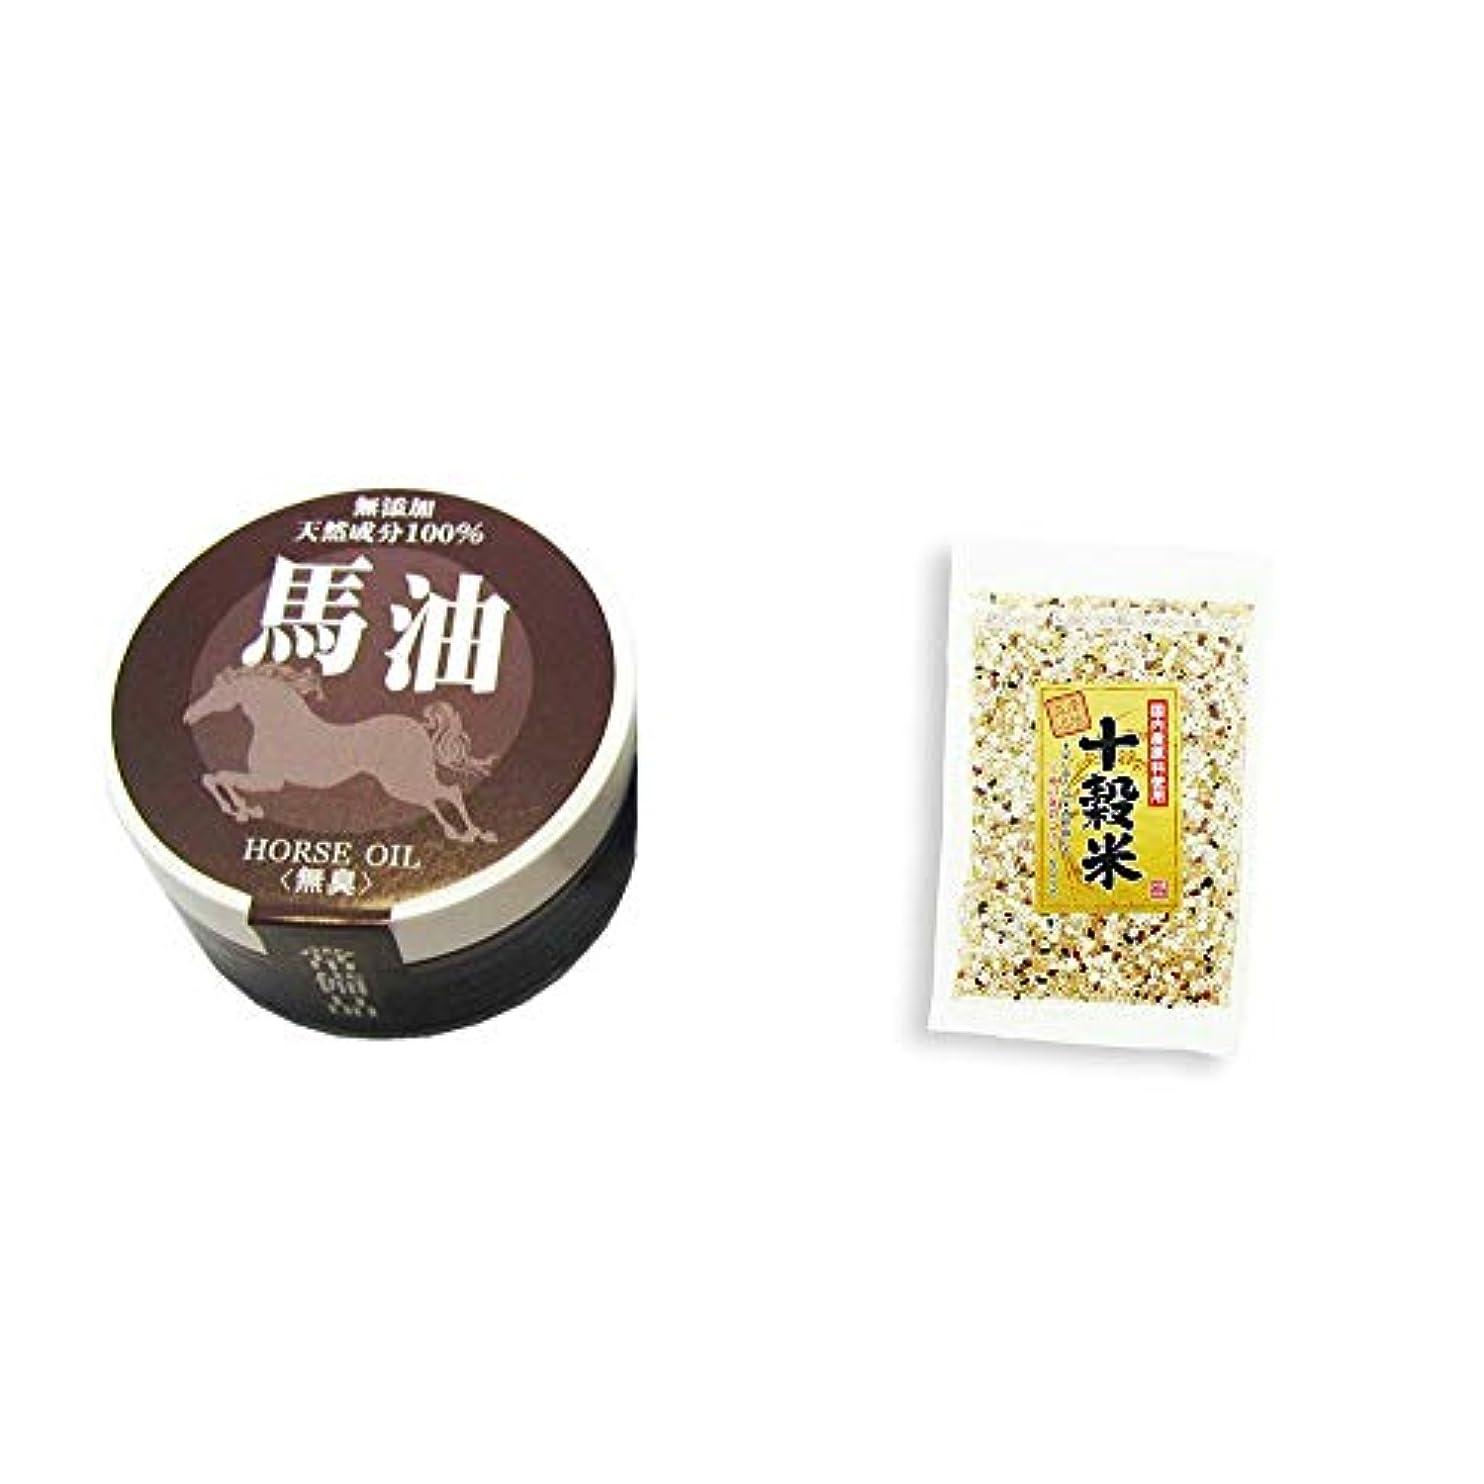 行進囚人韓国語[2点セット] 無添加天然成分100% 馬油[無香料](38g)?国産原料使用 十穀米(300g)